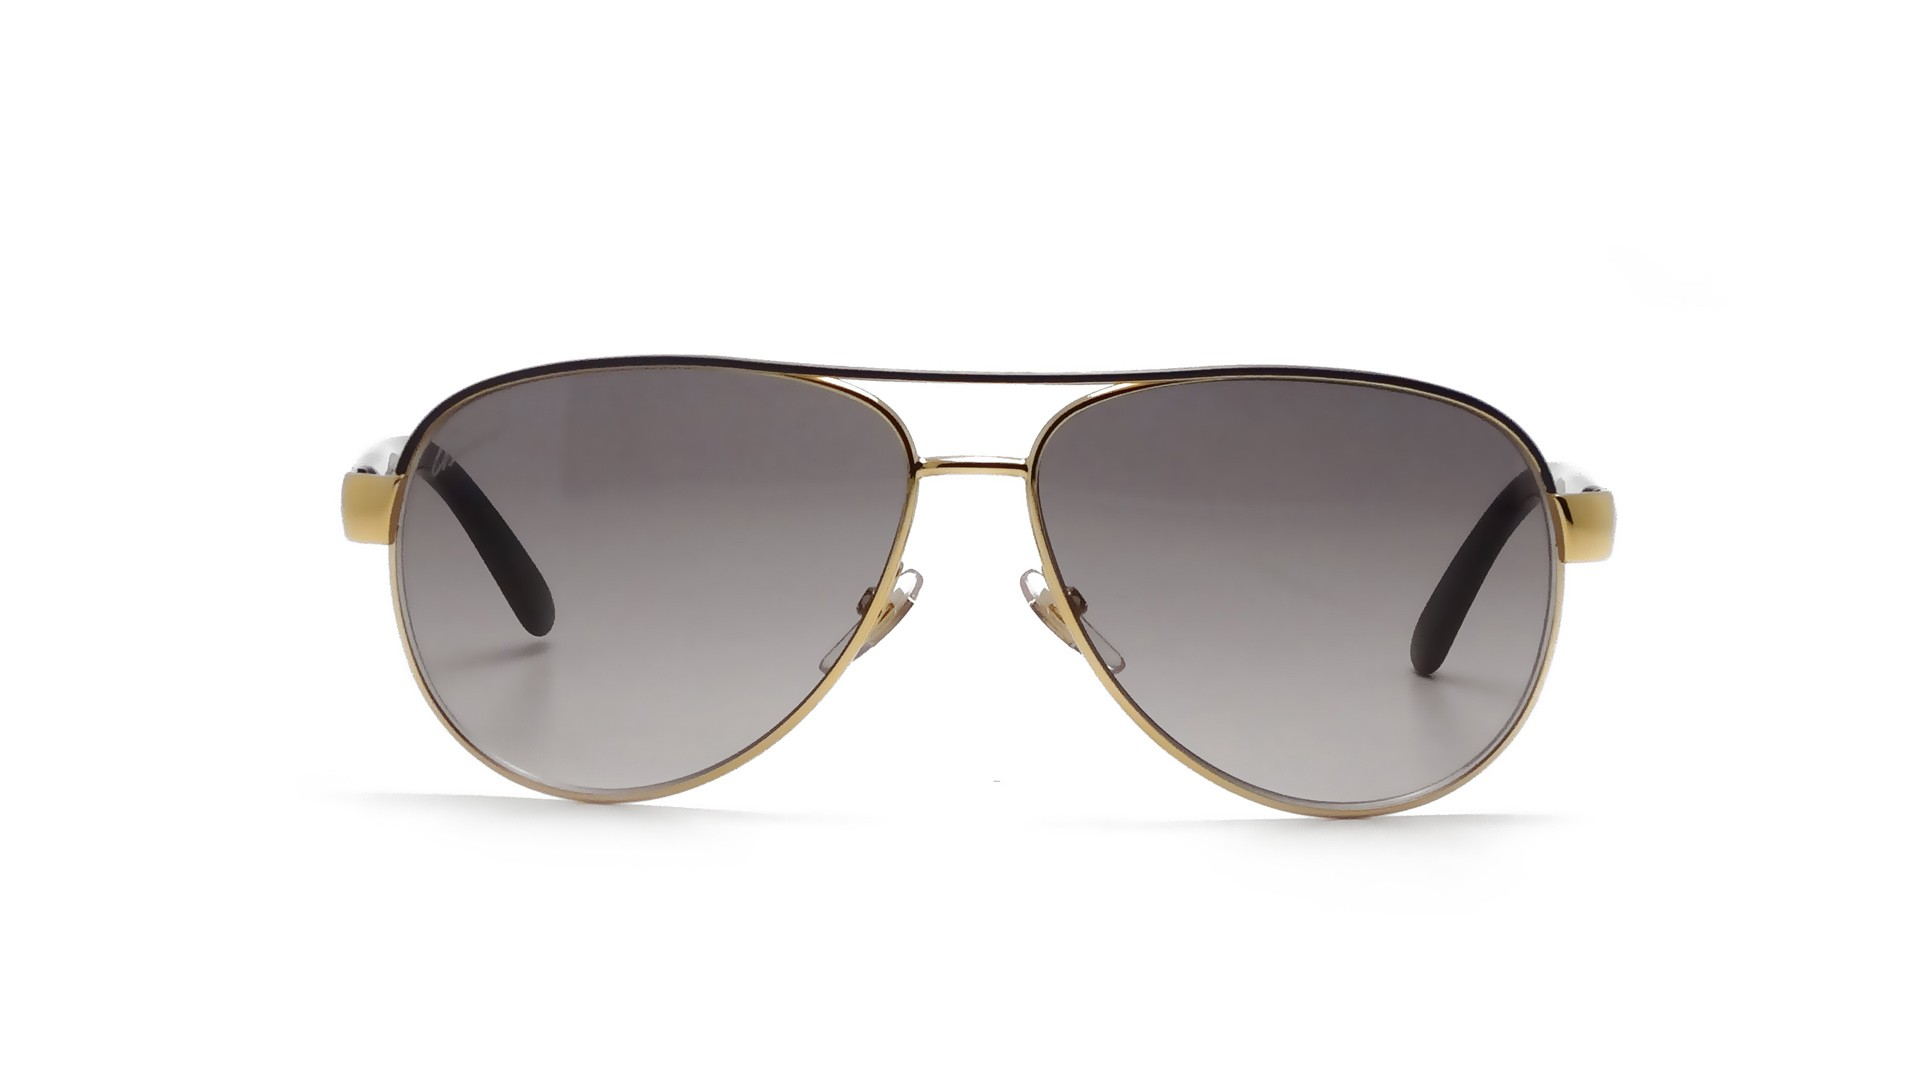 bdf48c3e48 Chanel Sunglasses 4239